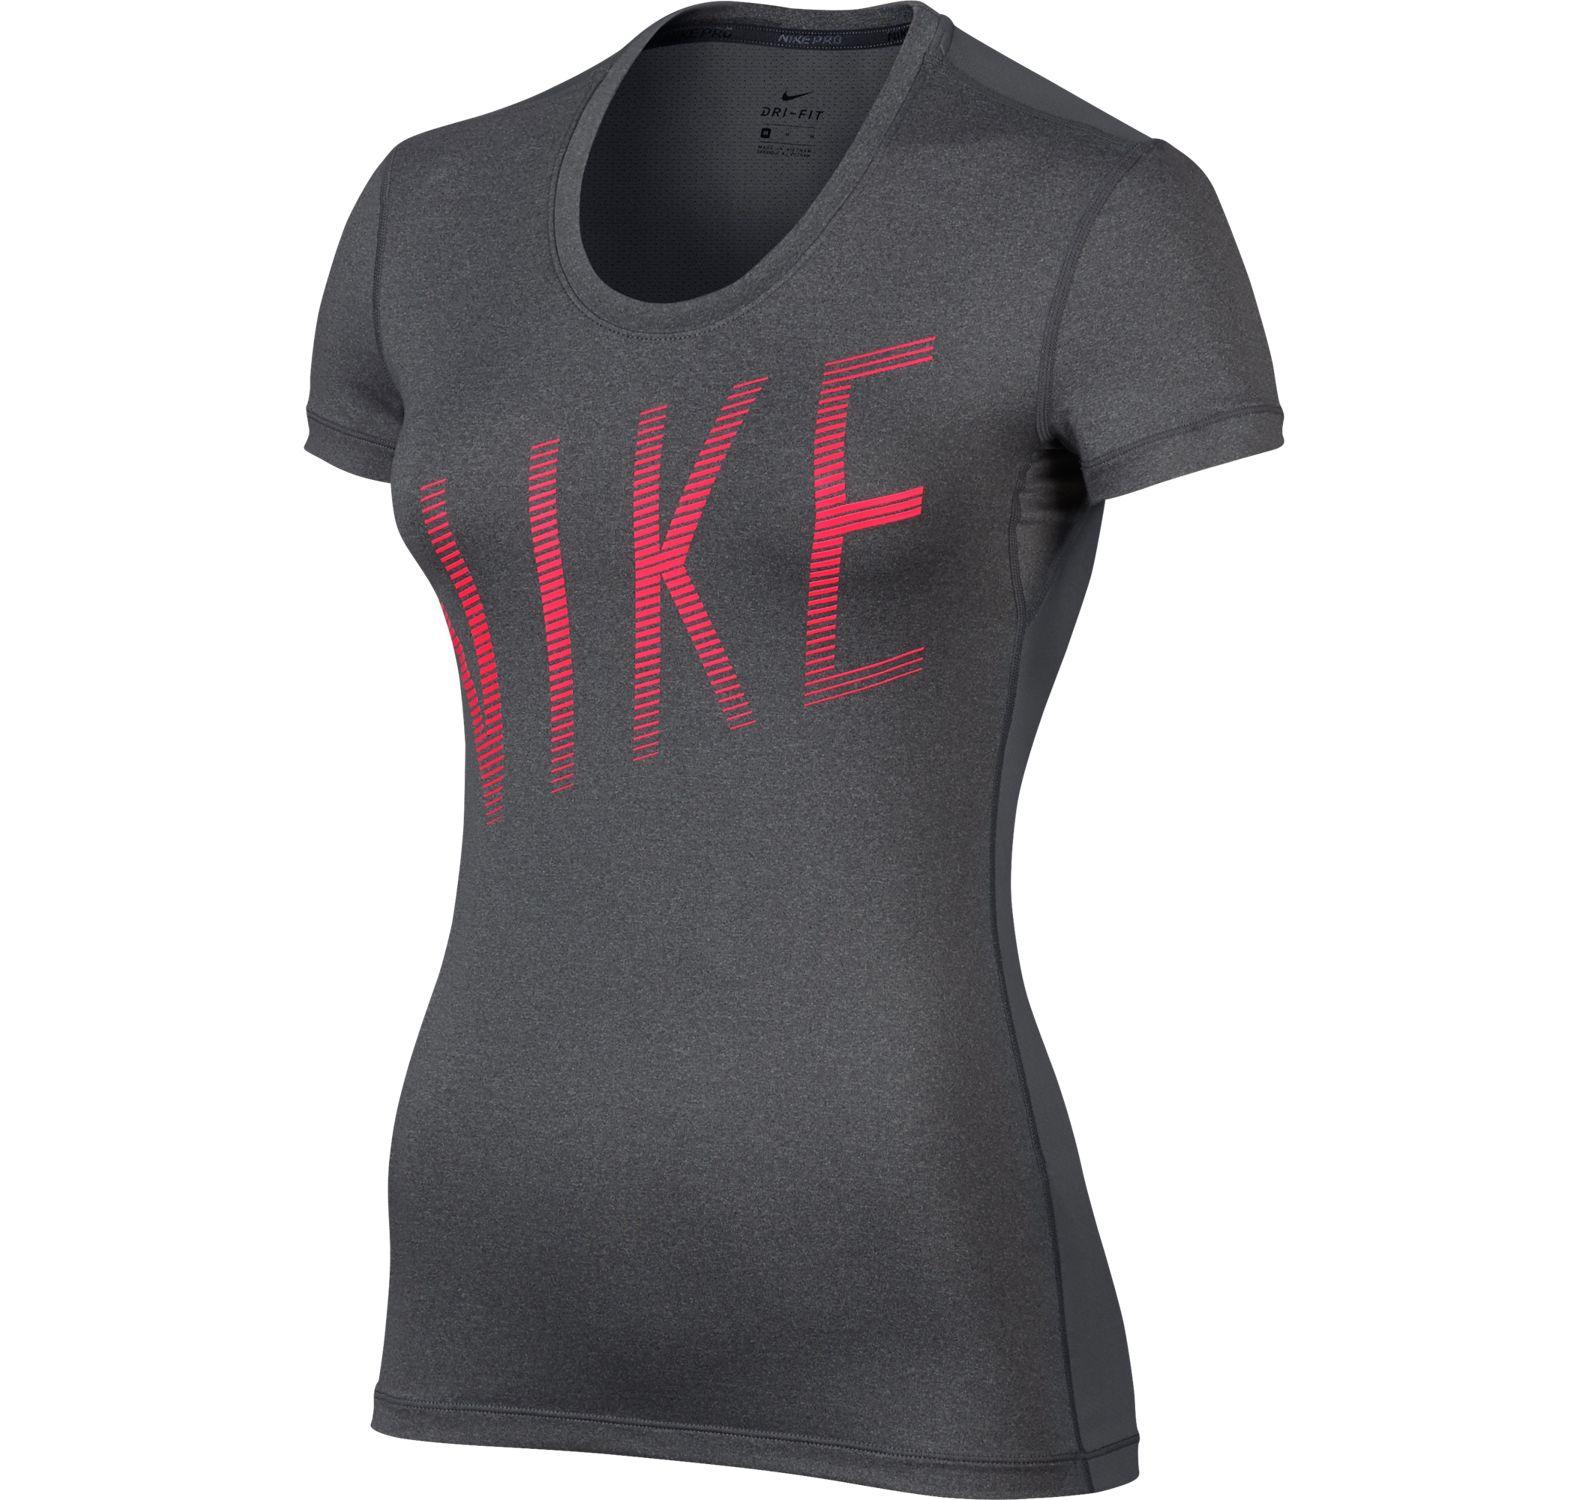 W Np Cl Top Ss Summer Grx, Dark Grey/Htr/Racer Pink, M,  T-Shirts